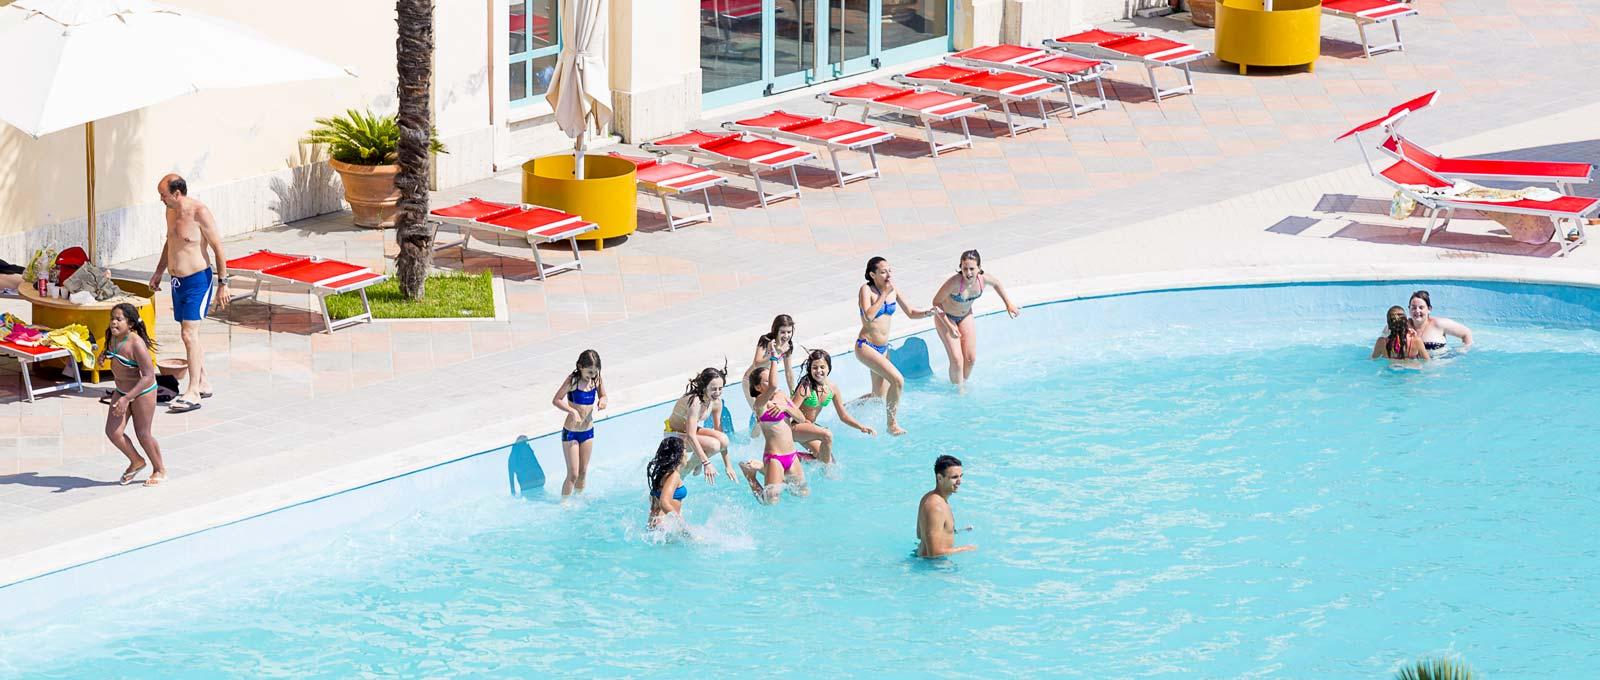 Offerte gruppi per soggiorni a tivoli terme nel lazio - Parco tivoli piscina ...